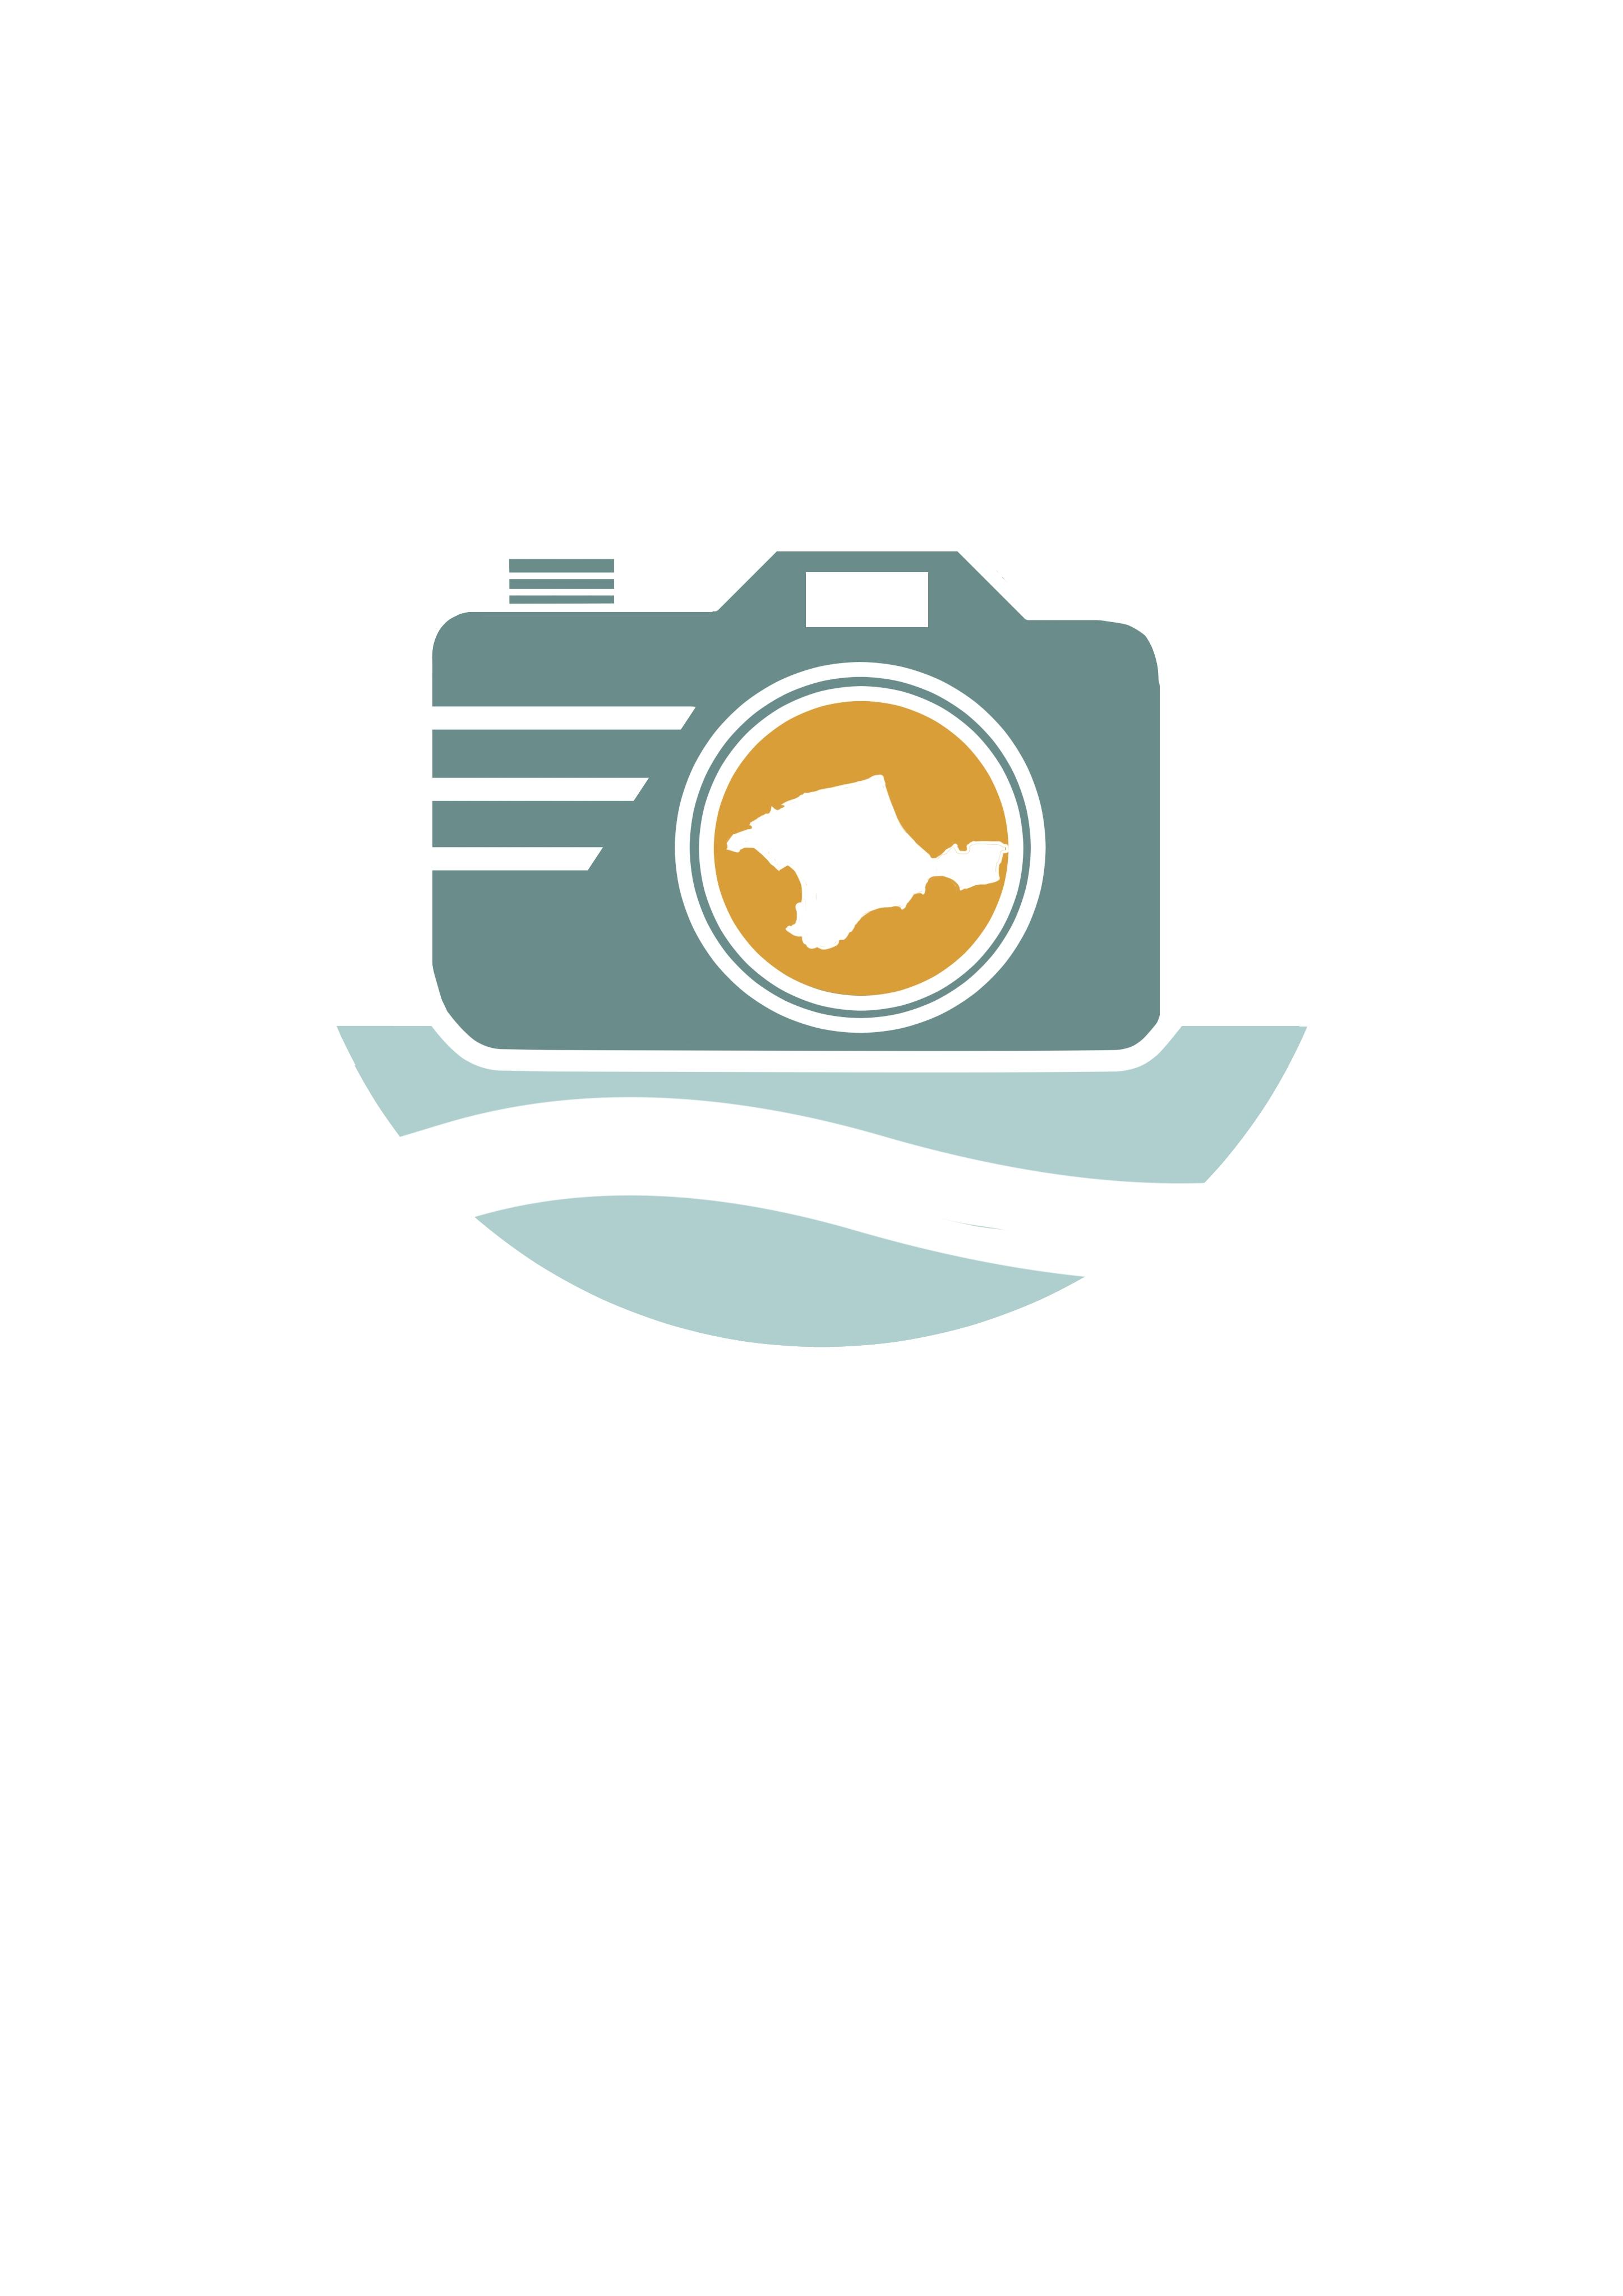 ЛОГОТИП + фирменный стиль фотоконкурса ФОТОГРАФИРУЕМ КРЫМ фото f_2425c0586deba06c.jpg